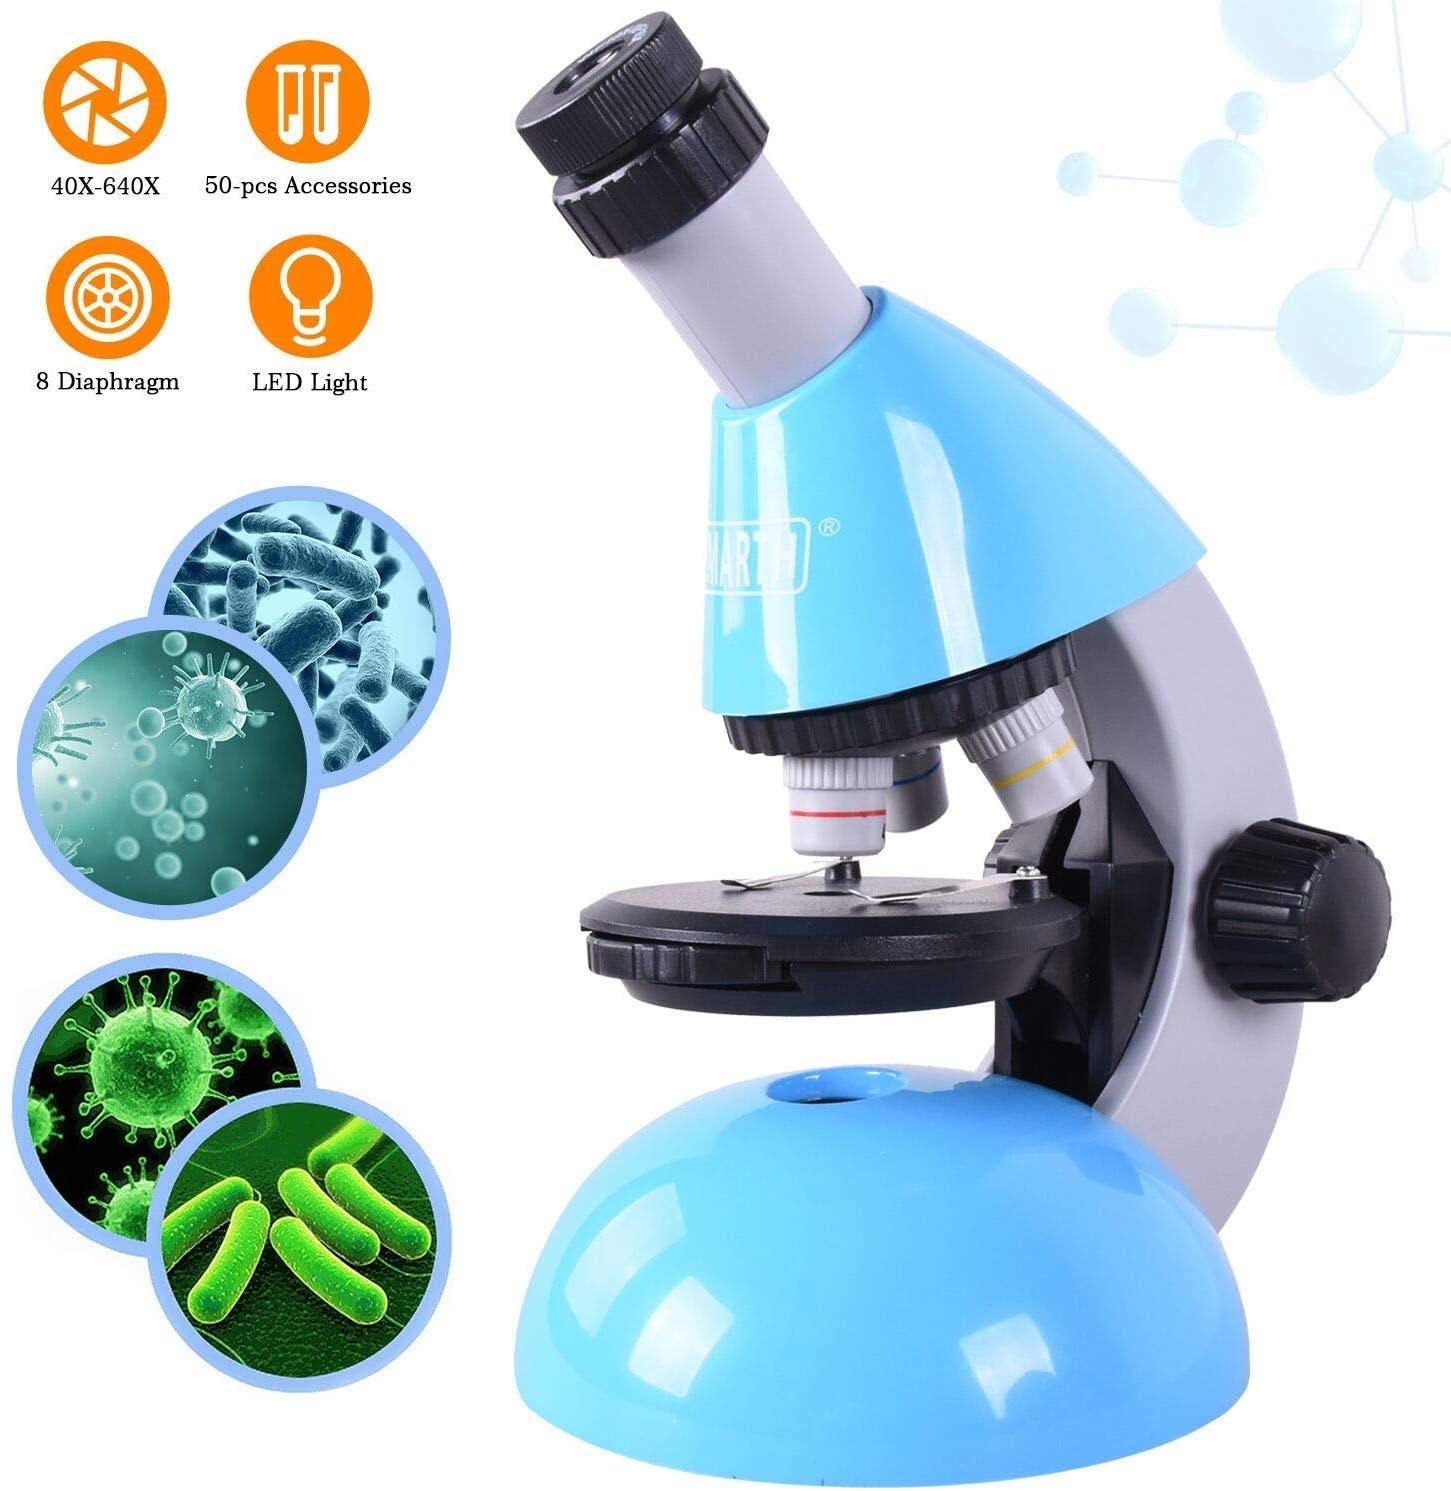 Microscopio para niños, ampliación 40X - 640X con 50 Kits de Ciencia El microscopio para Principiantes Incluye 25 Controles deslizantes para Estudiantes de 5 años en adelante